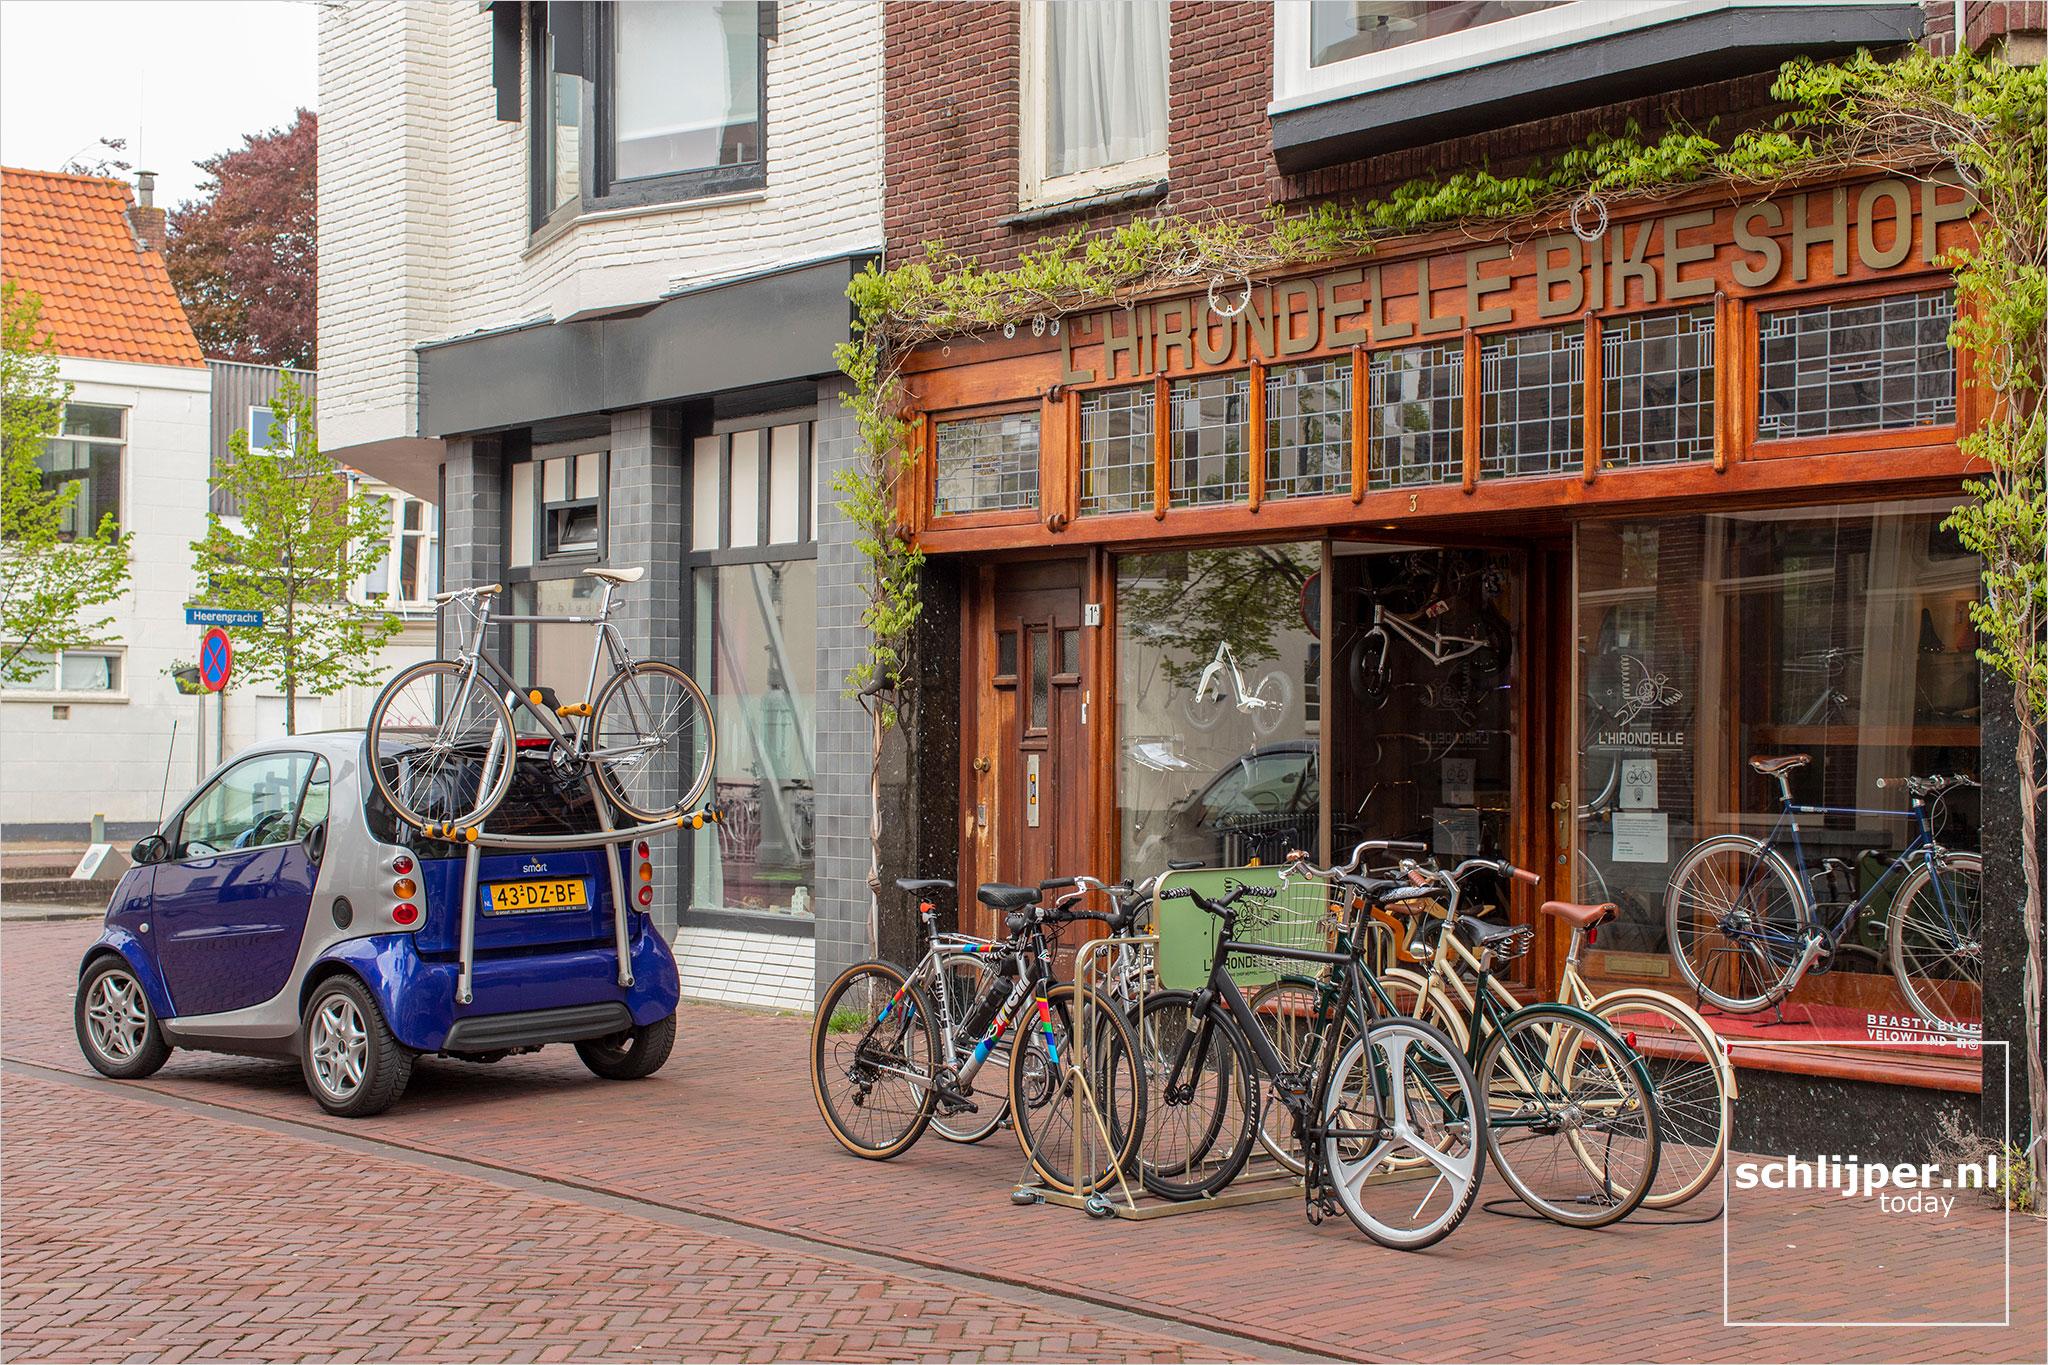 The Netherlands, Meppel, 14 mei 2021